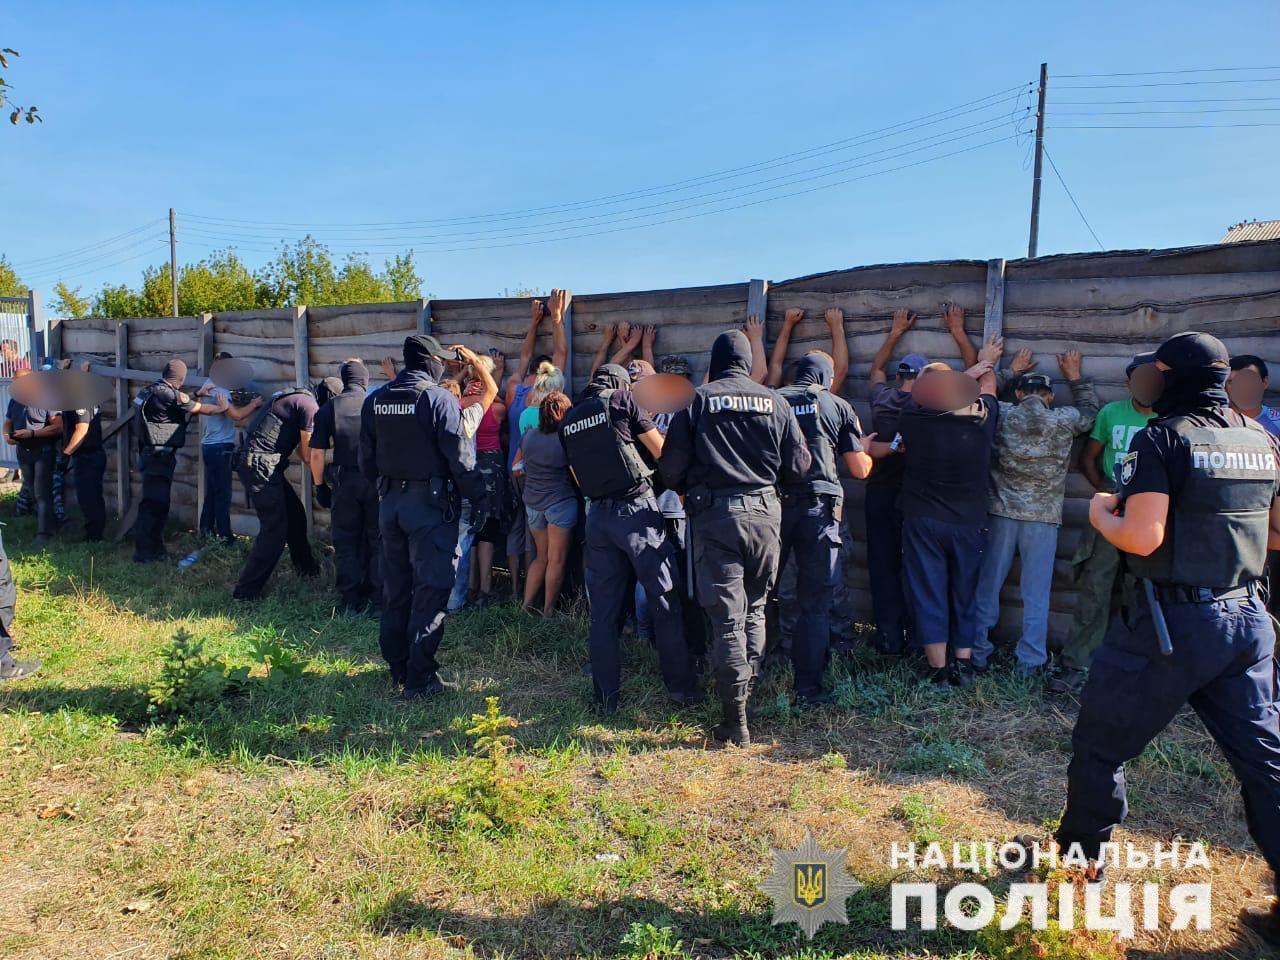 Нападение на журналистов на Харьковщине: число задержанных увеличилось (видео)